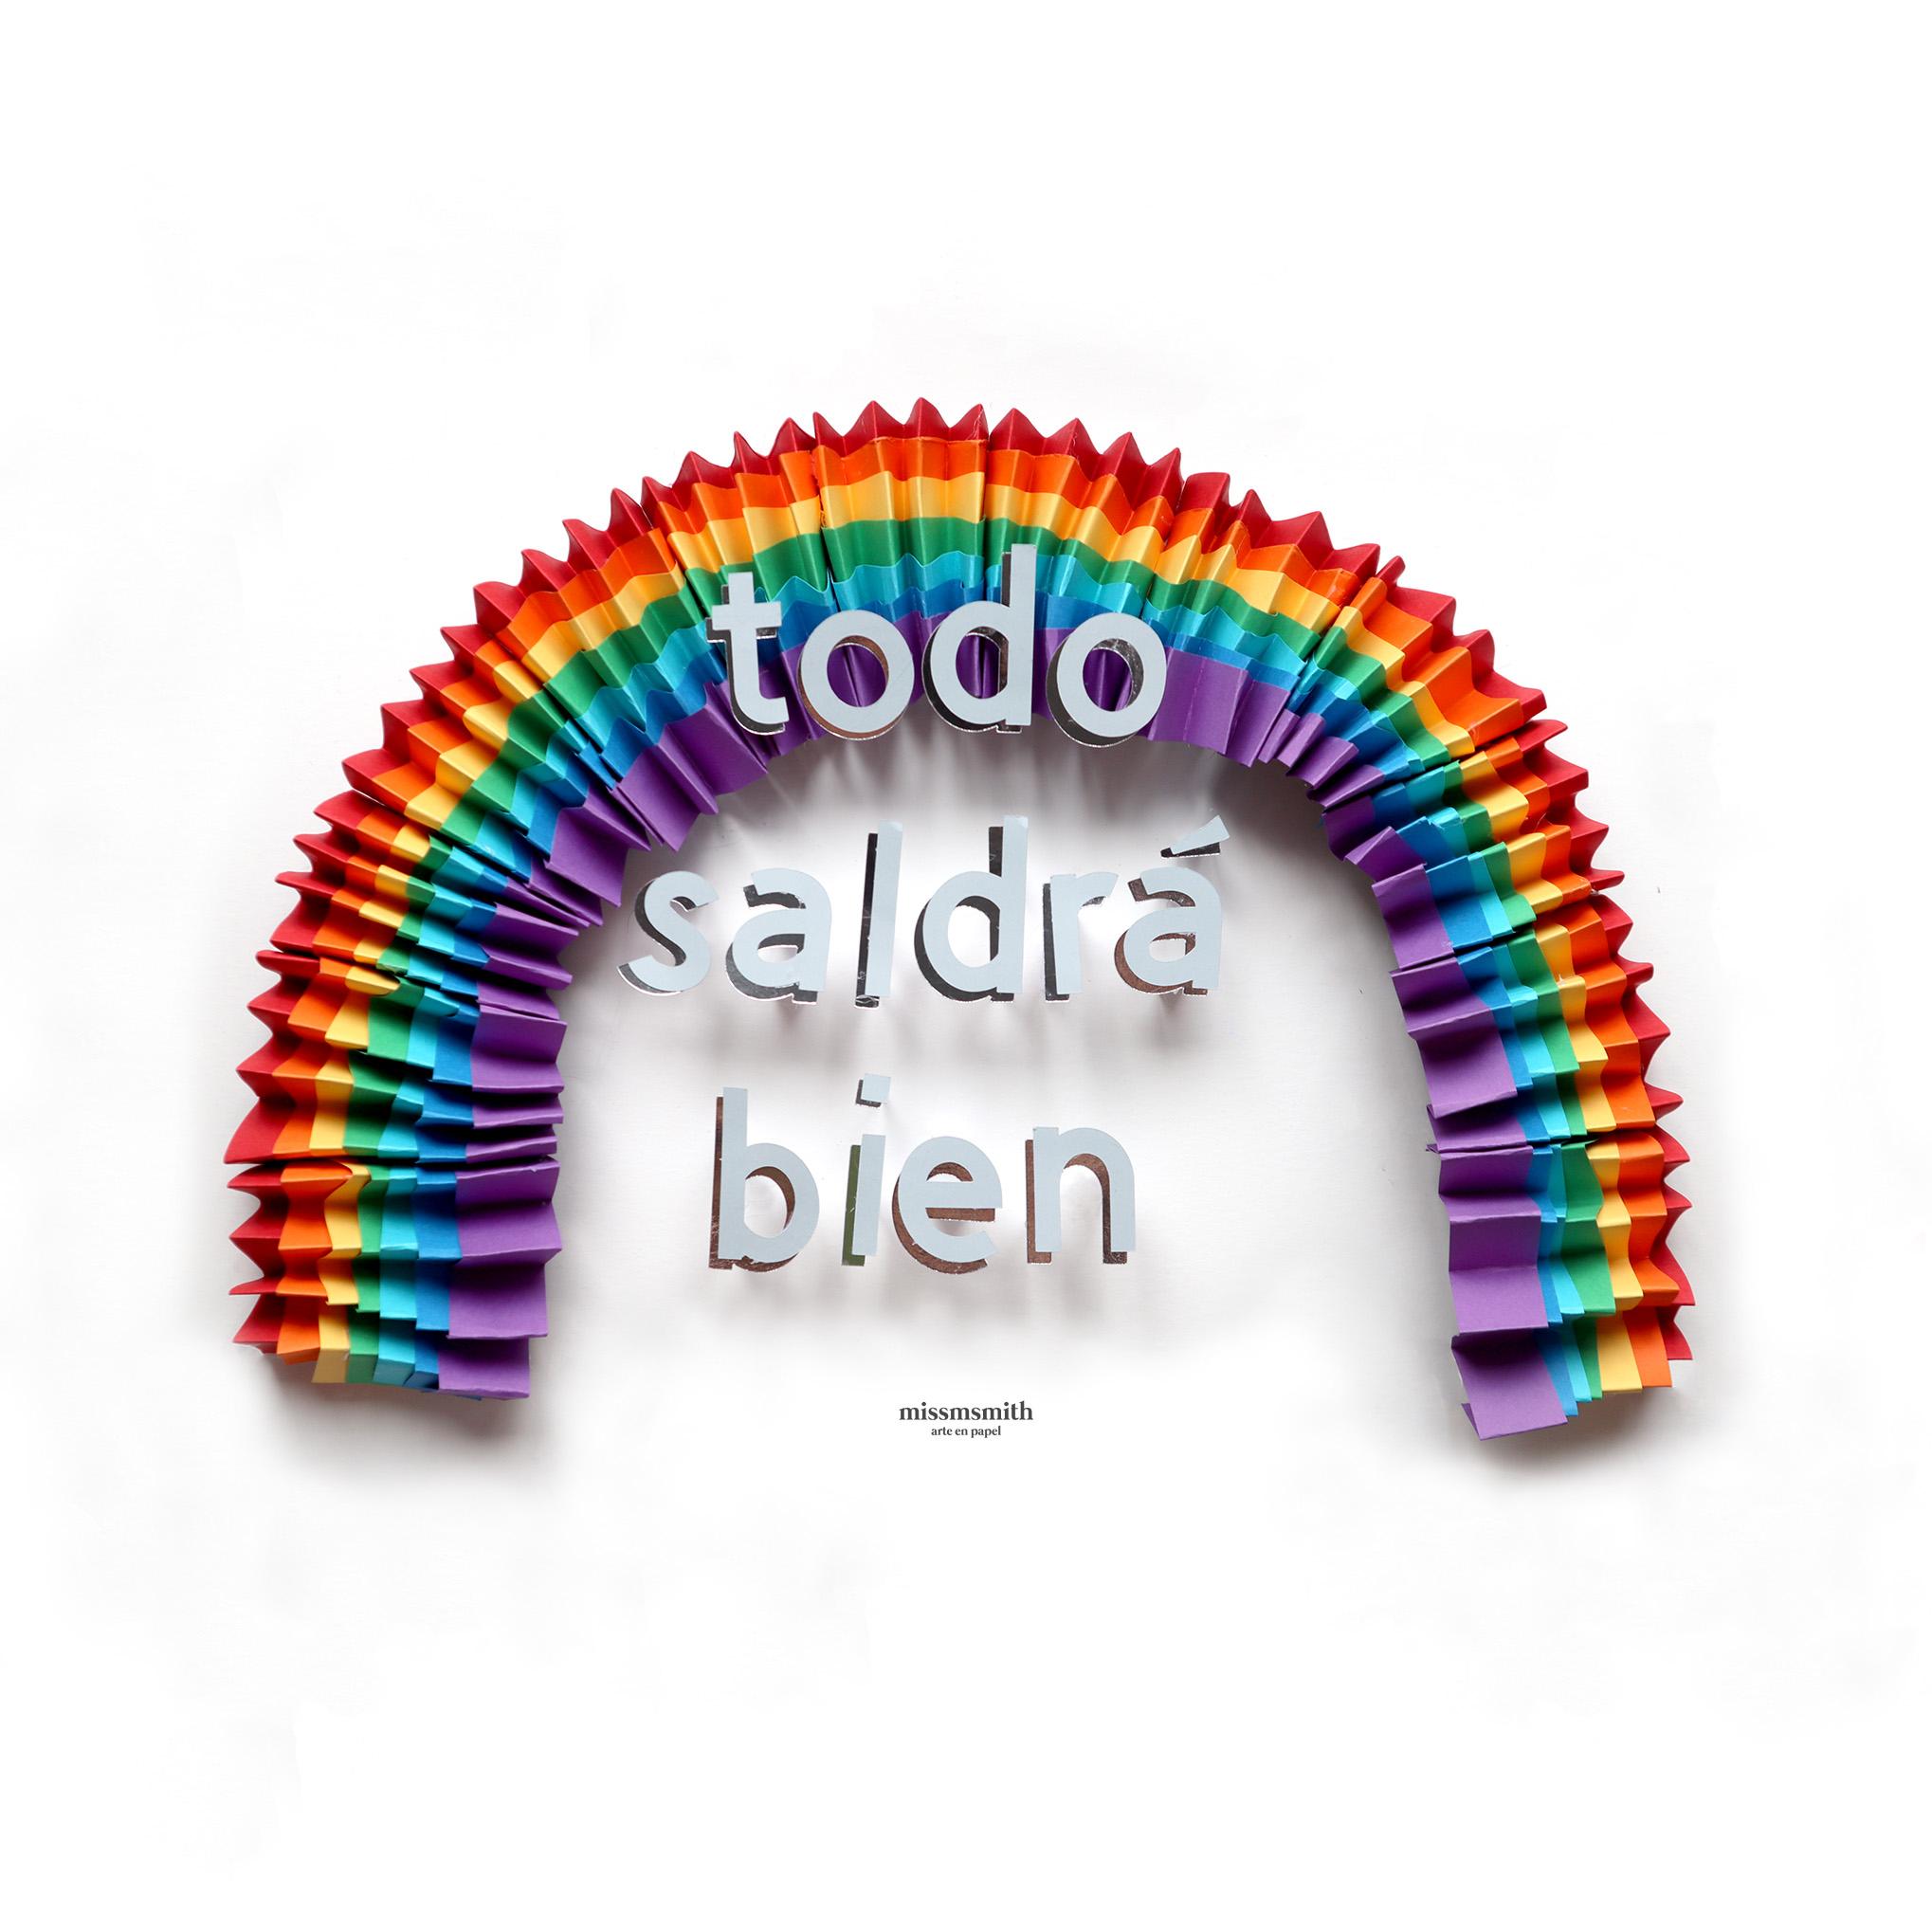 Todo saldrá bien (2020) - Marta Herrero Arias - Missmsmith - Arte en papel